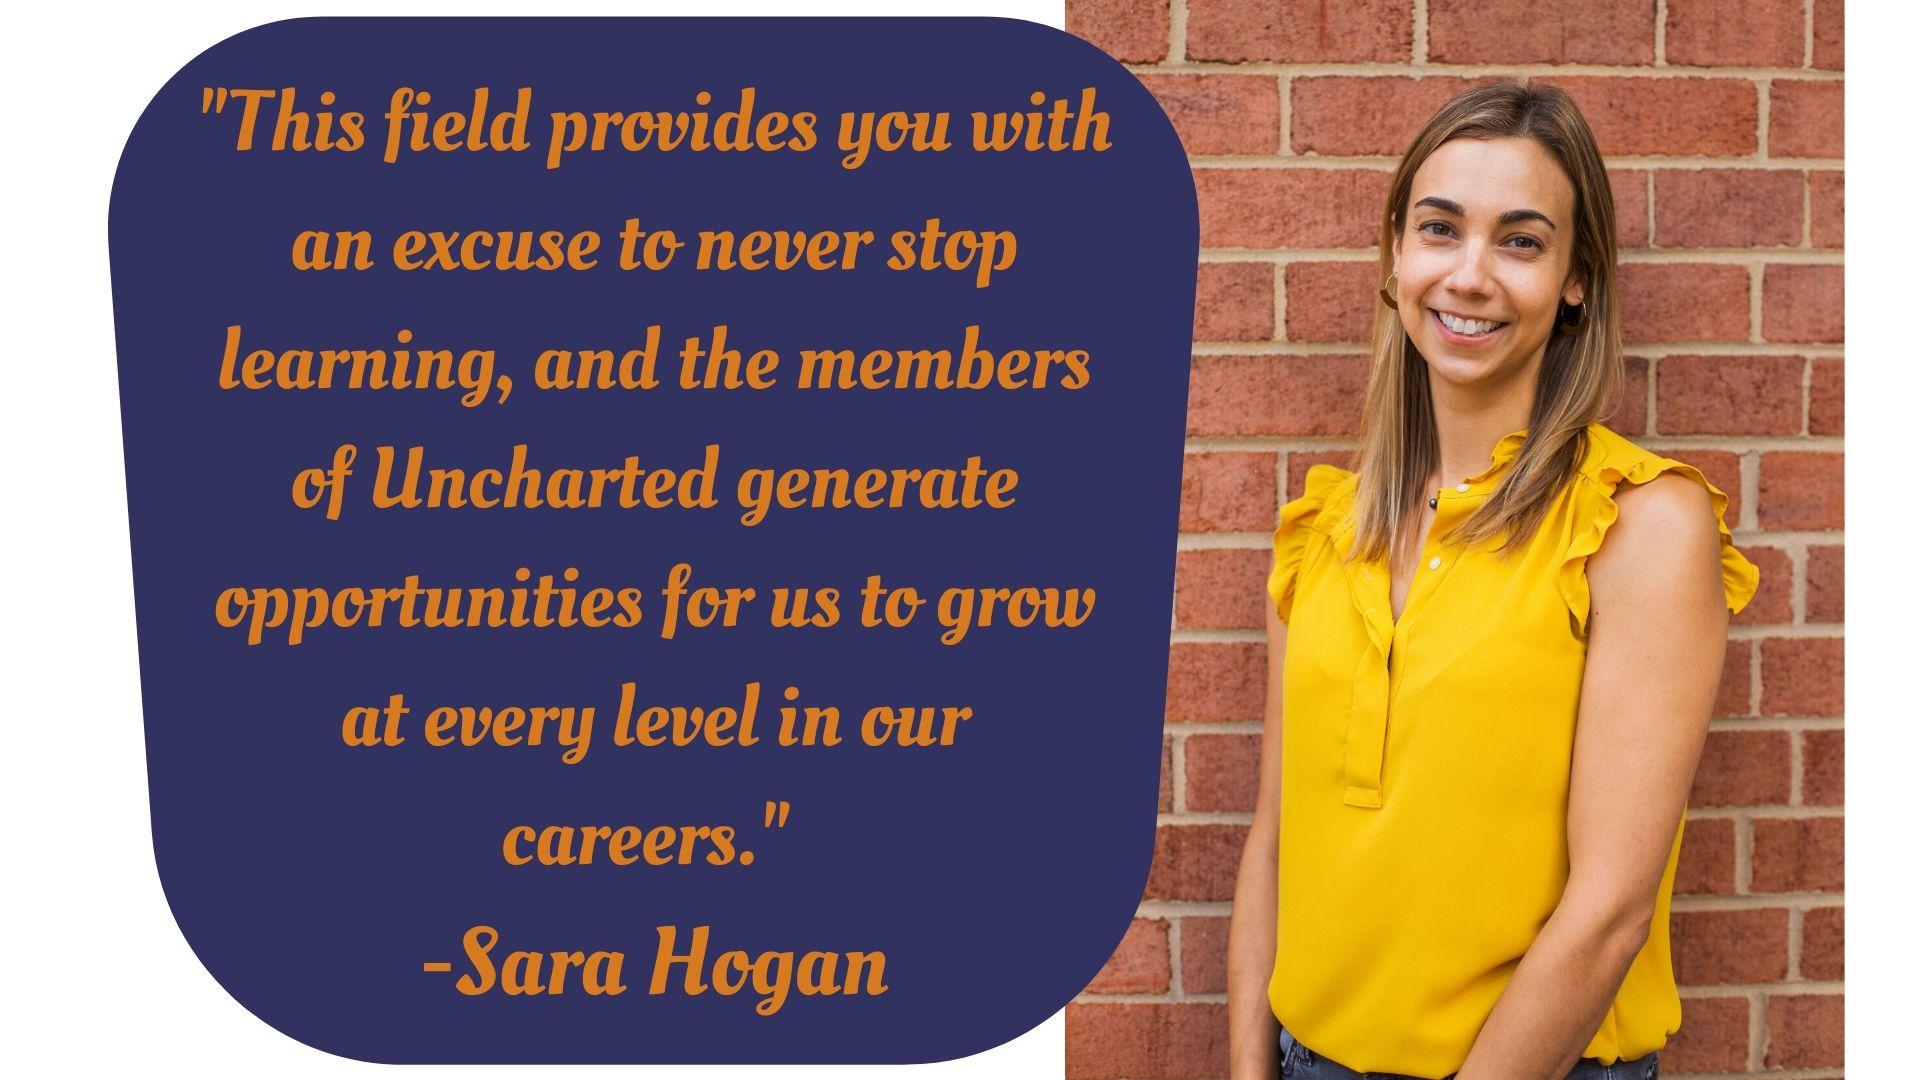 Sara Hogan